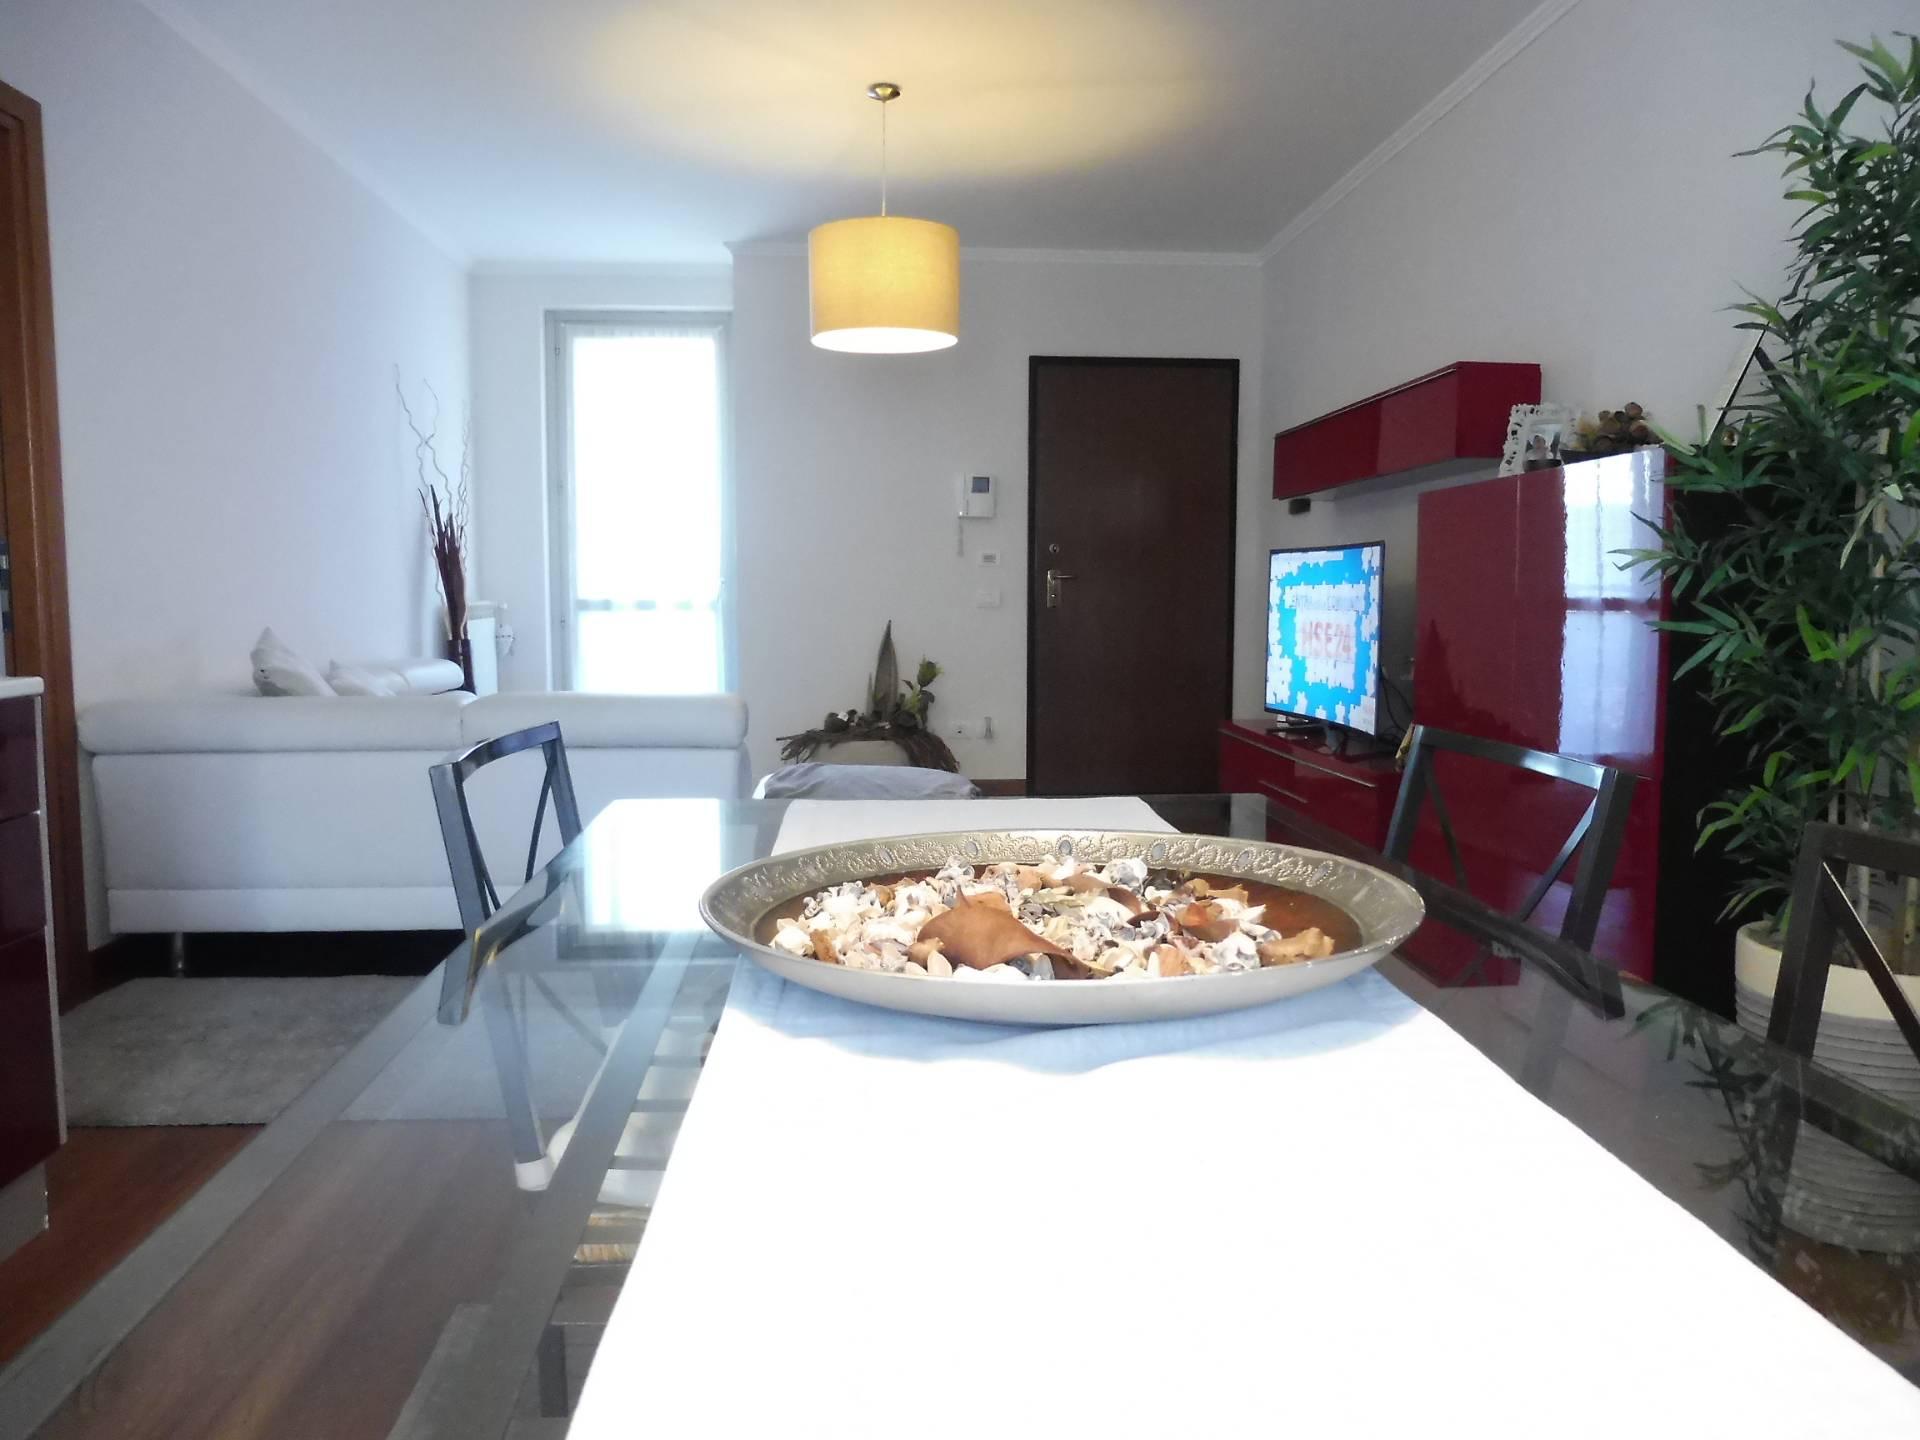 Appartamento in vendita a Grugliasco, 4 locali, prezzo € 249.000 | CambioCasa.it